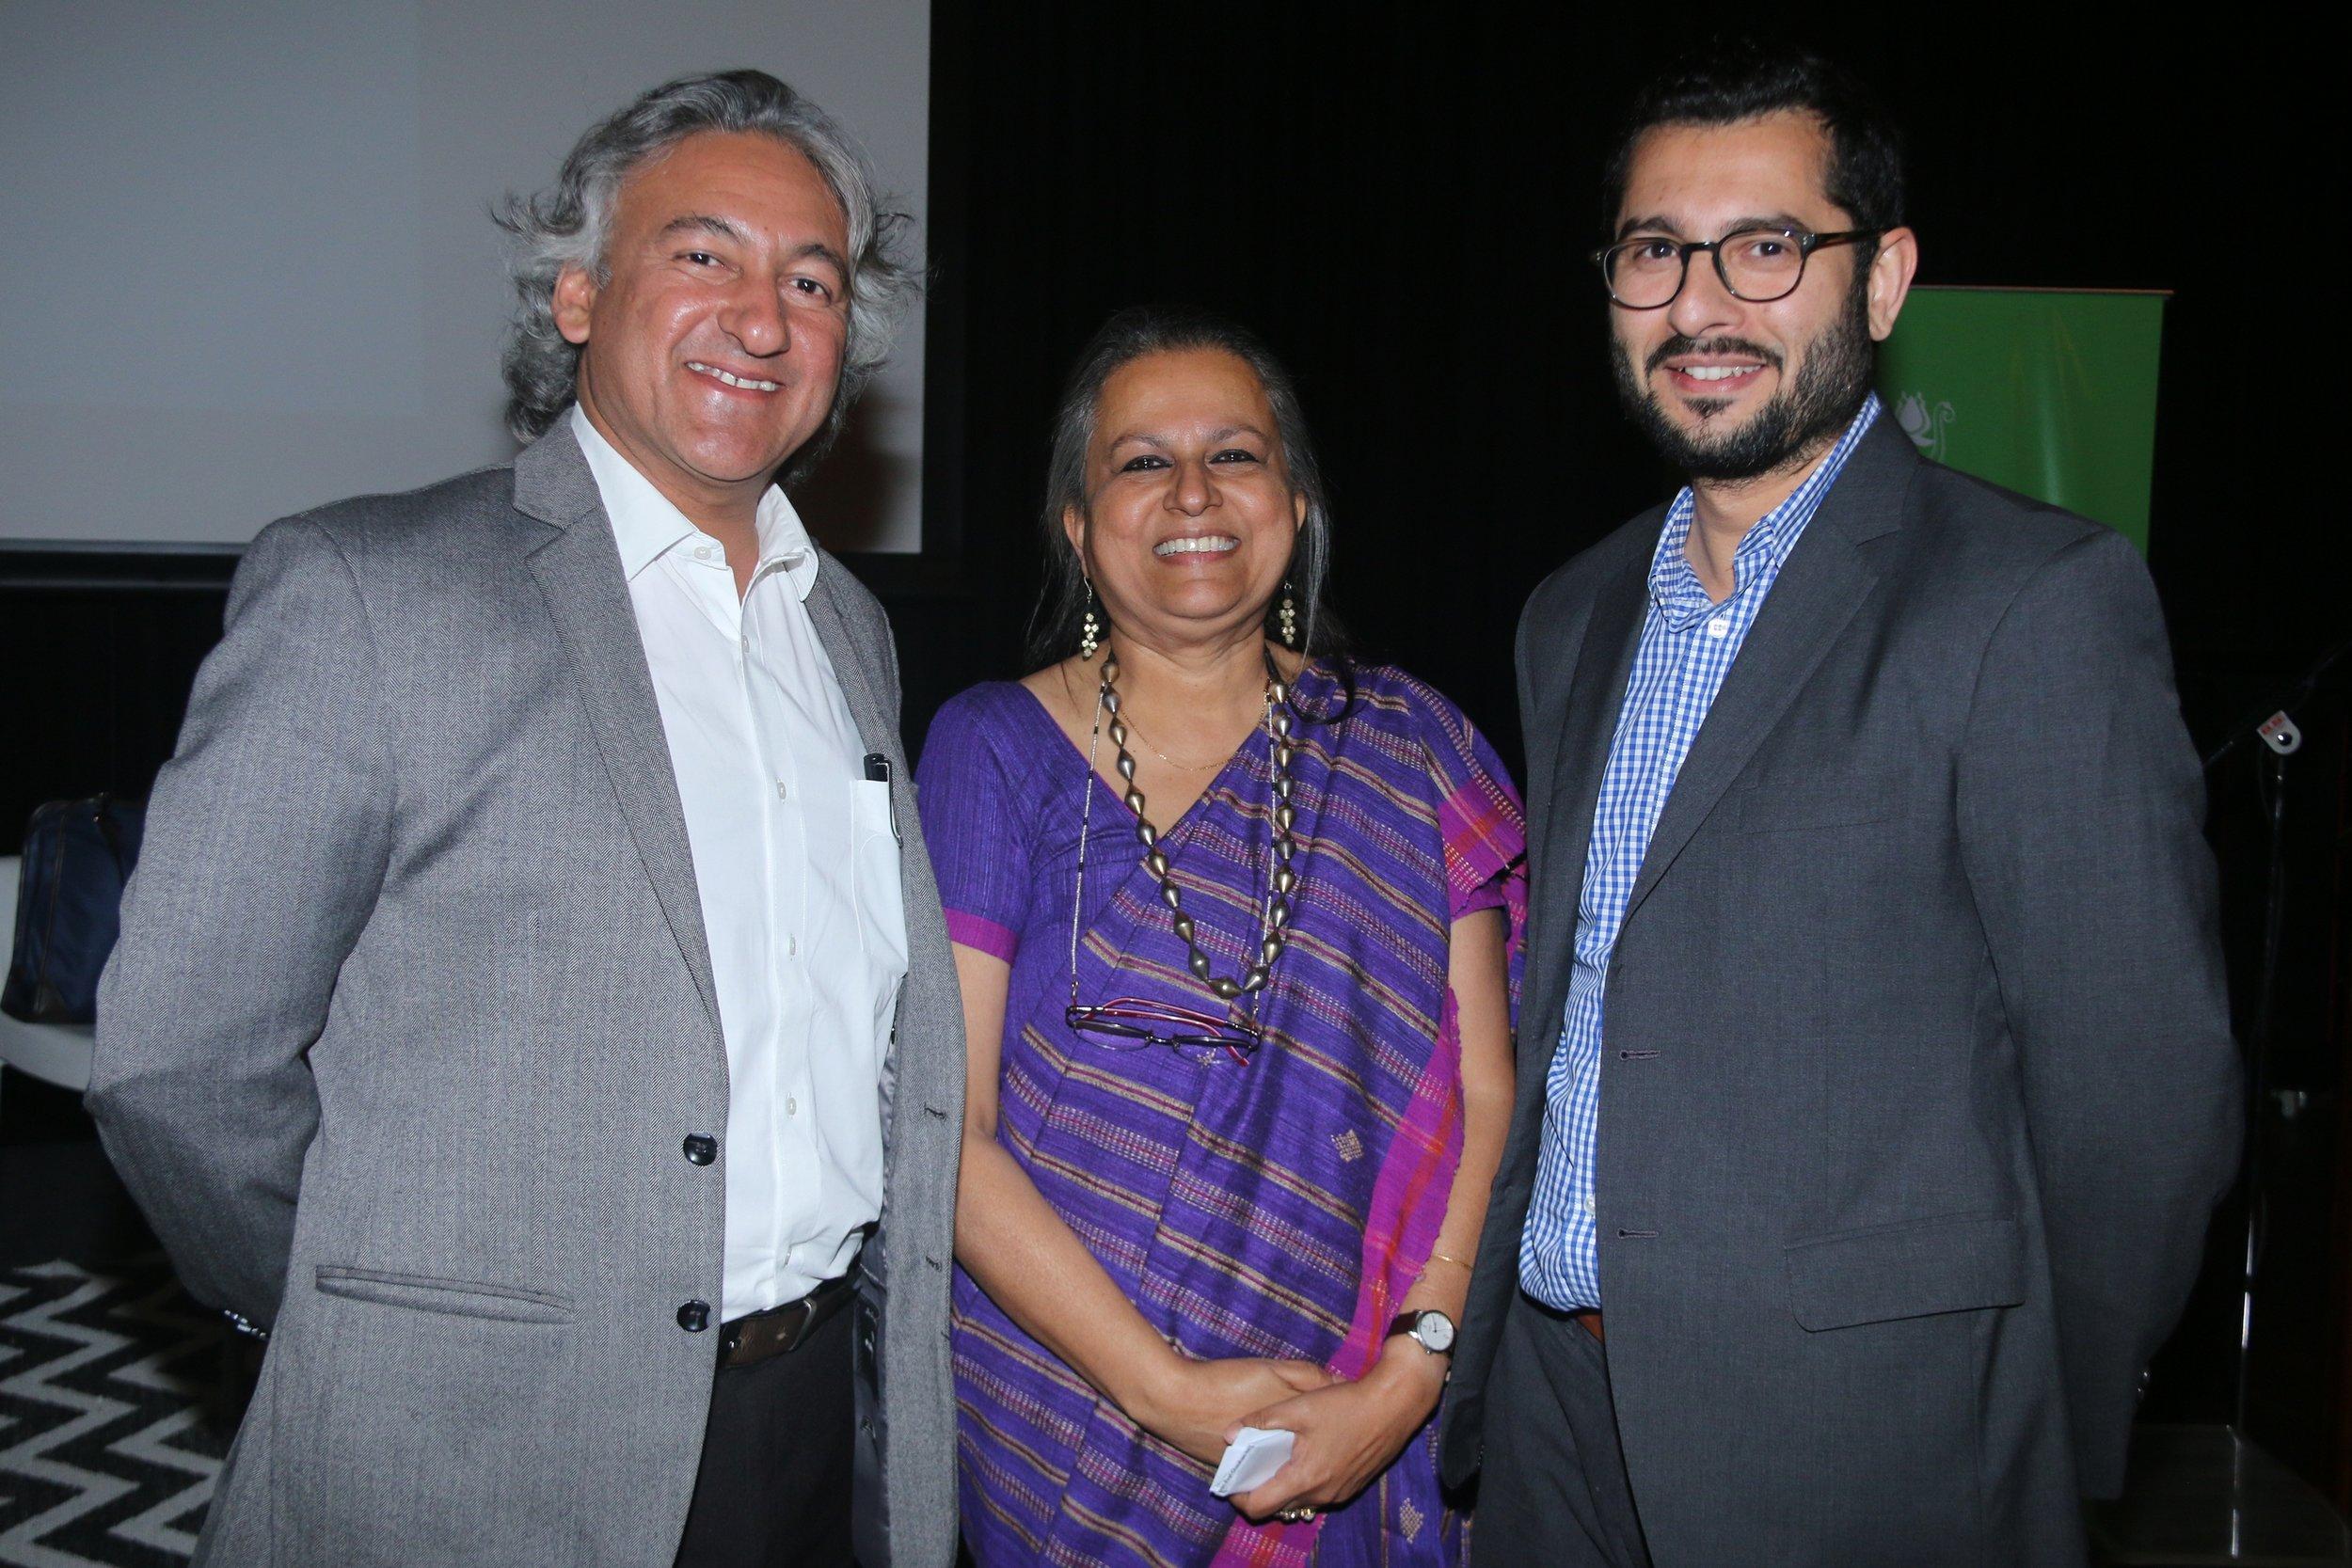 Anupam Sah and Mortimer Chatterjee with Amita Malkani.